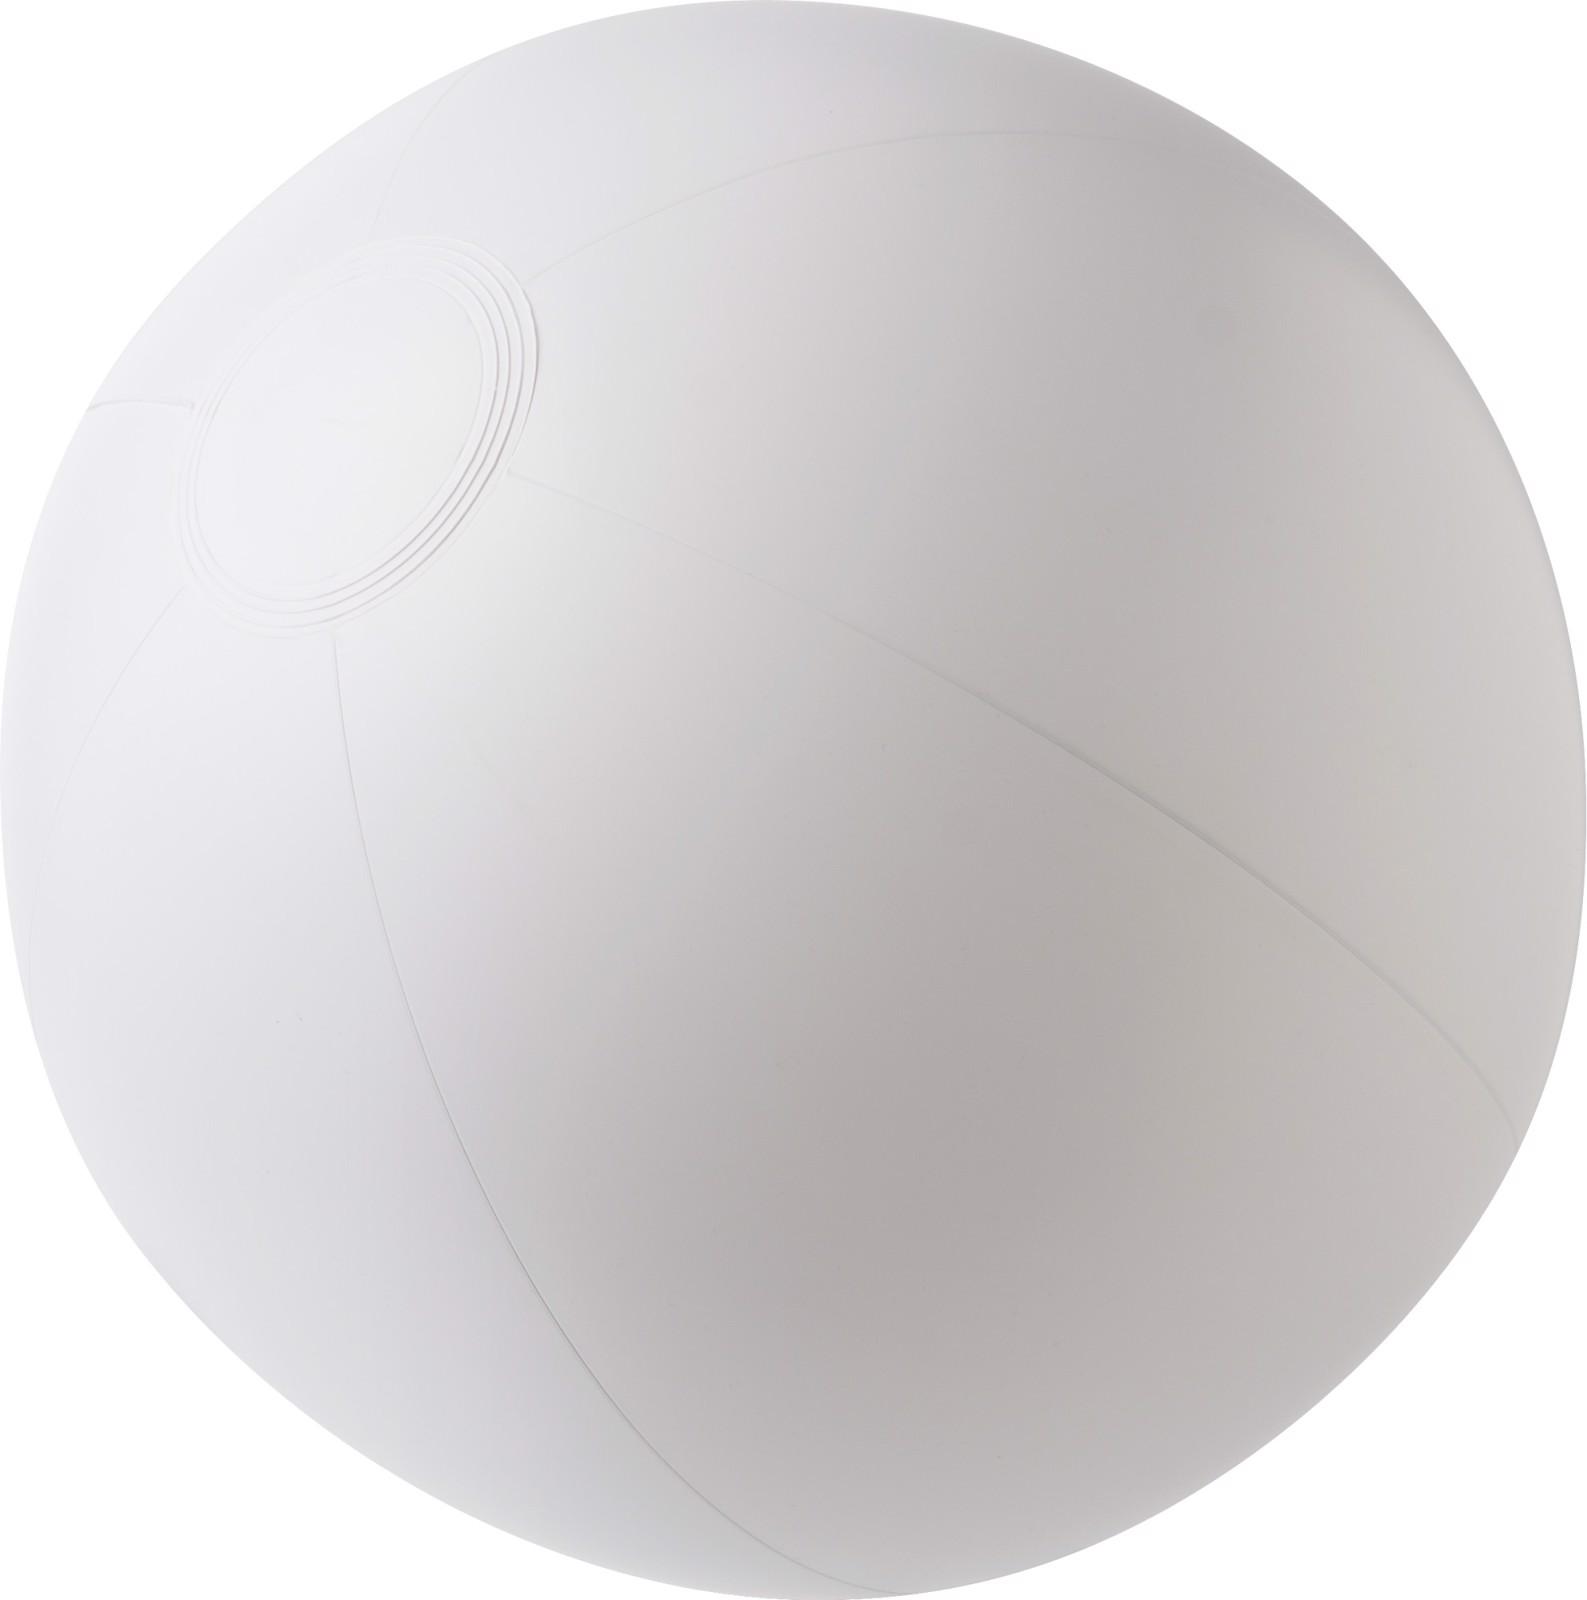 PVC beach ball - White